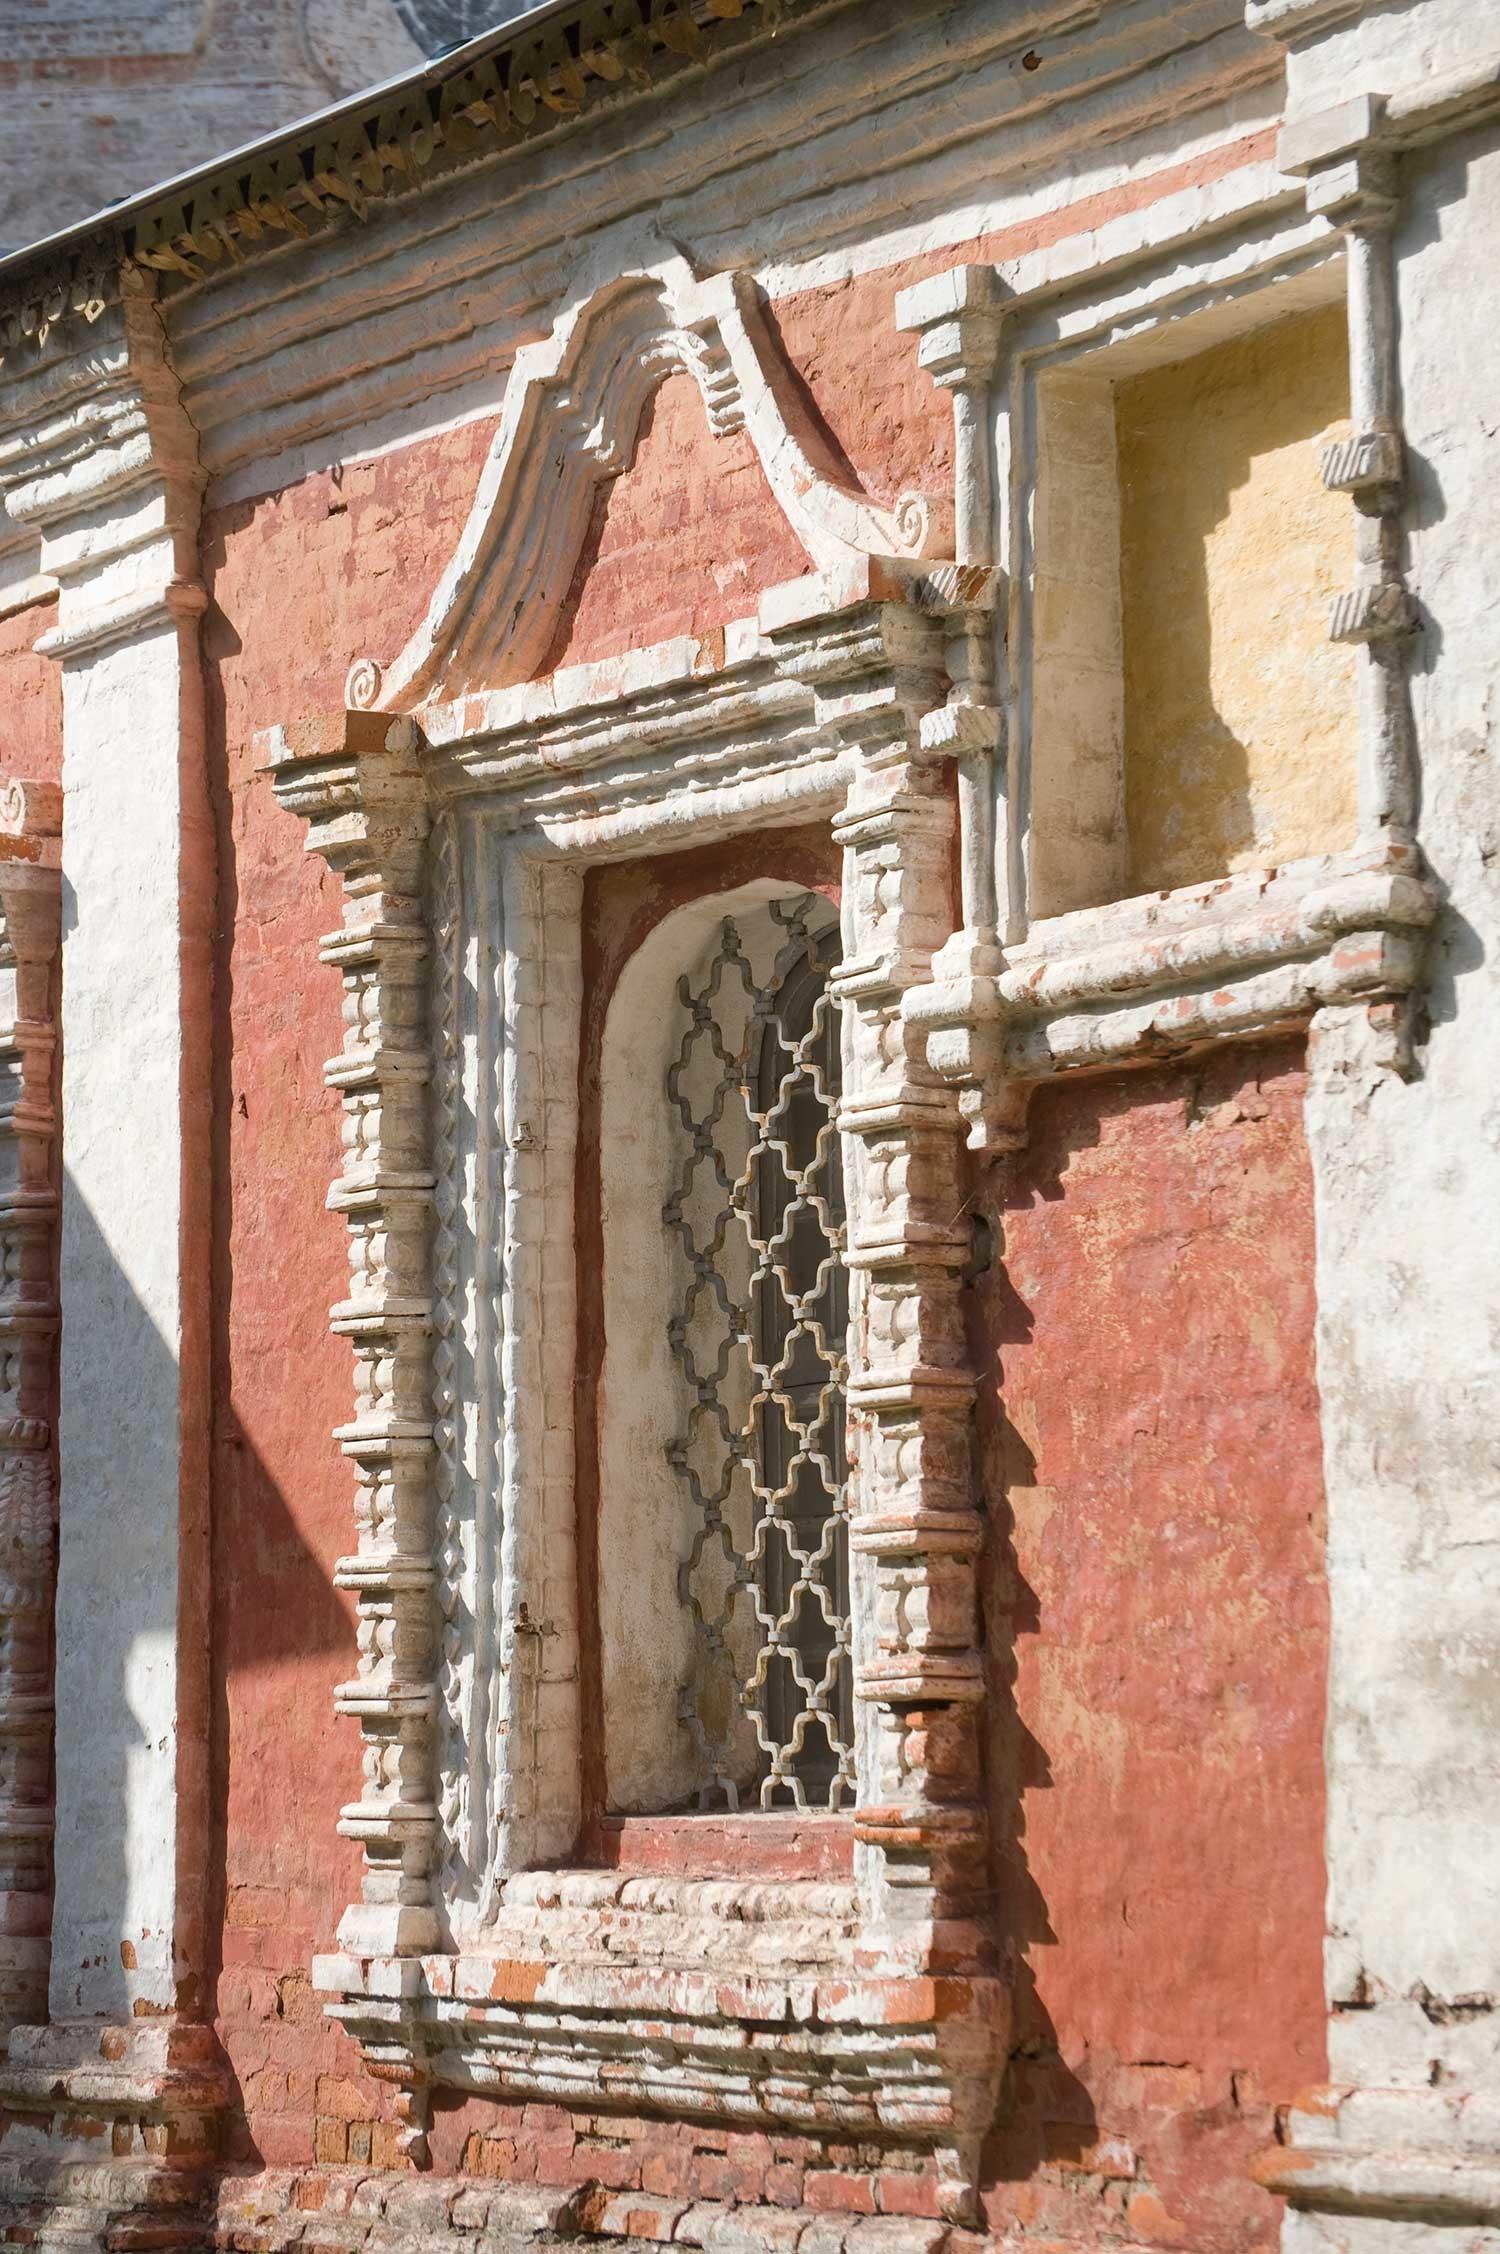 Cattedrale della Trinità. Galleria sud, dettaglio finestra. 24 agosto 2016